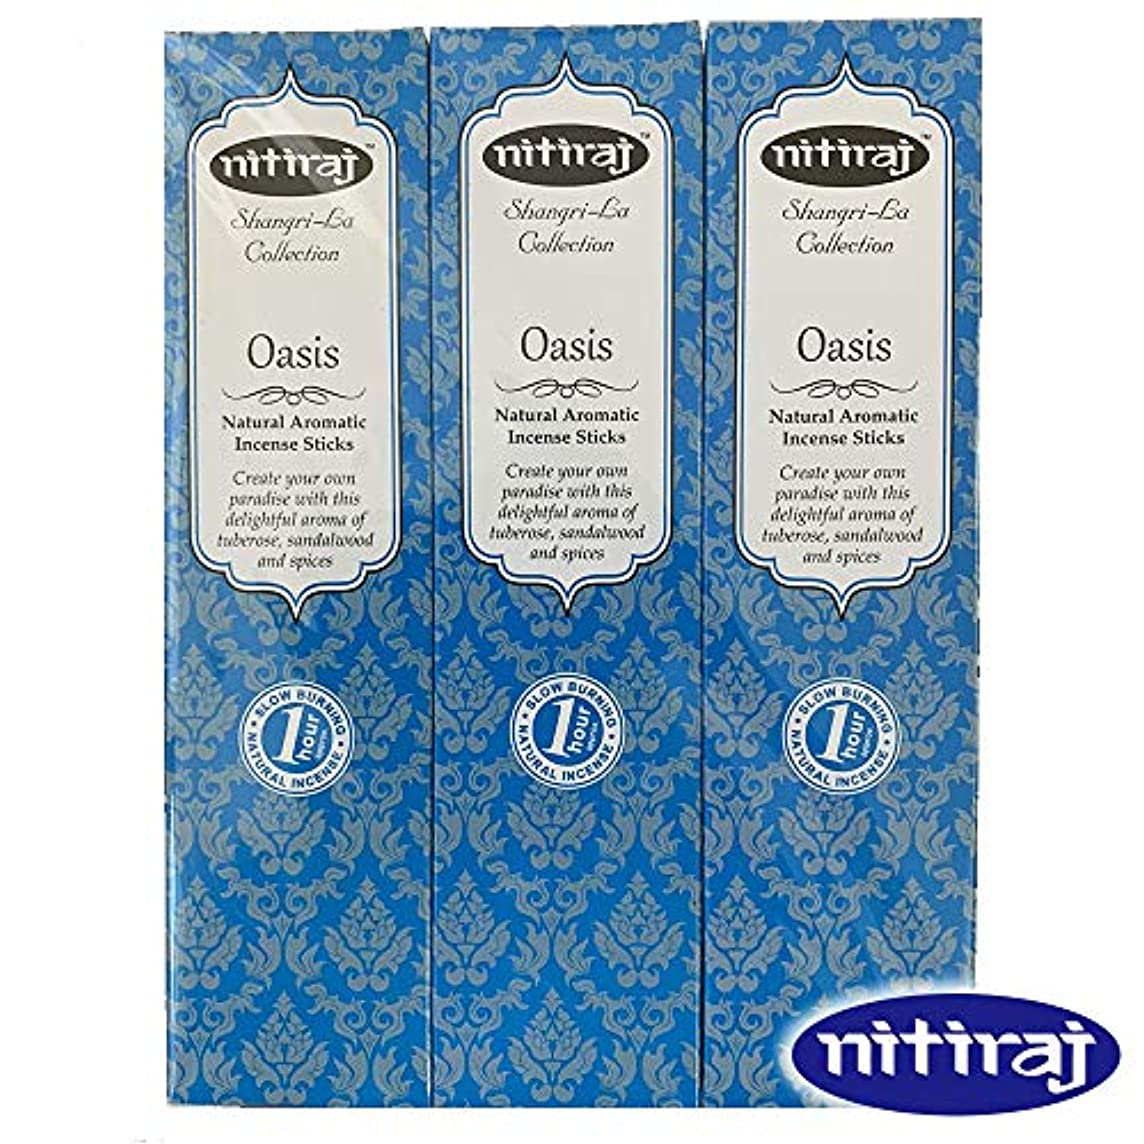 魔術師刺しますなんとなくお香 アロマインセンス Nitiraj(ニティラジ)Oasis(オアシス) 3箱セット(30本/1箱10本入り)100%天然素材